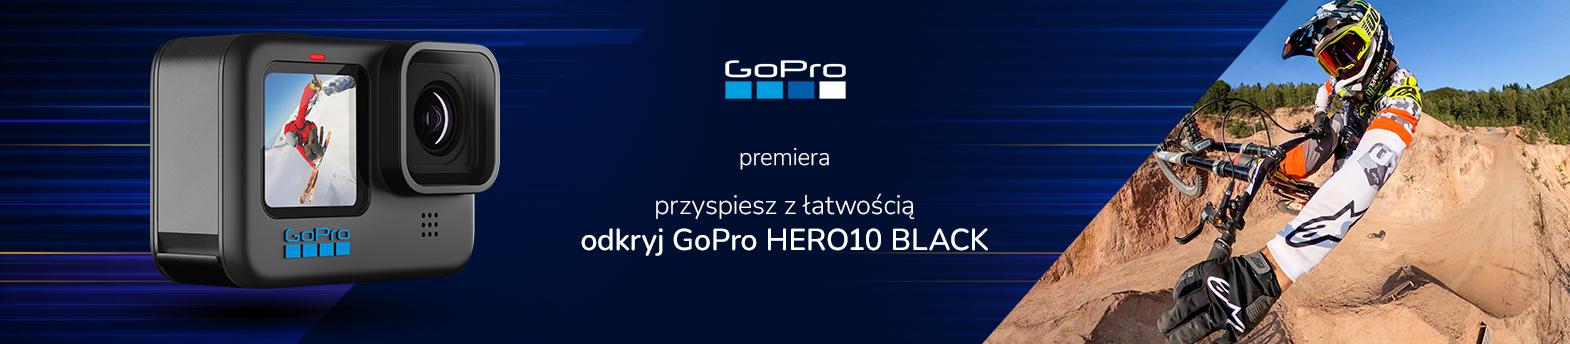 odkryj GoPro HERO10 BLACK